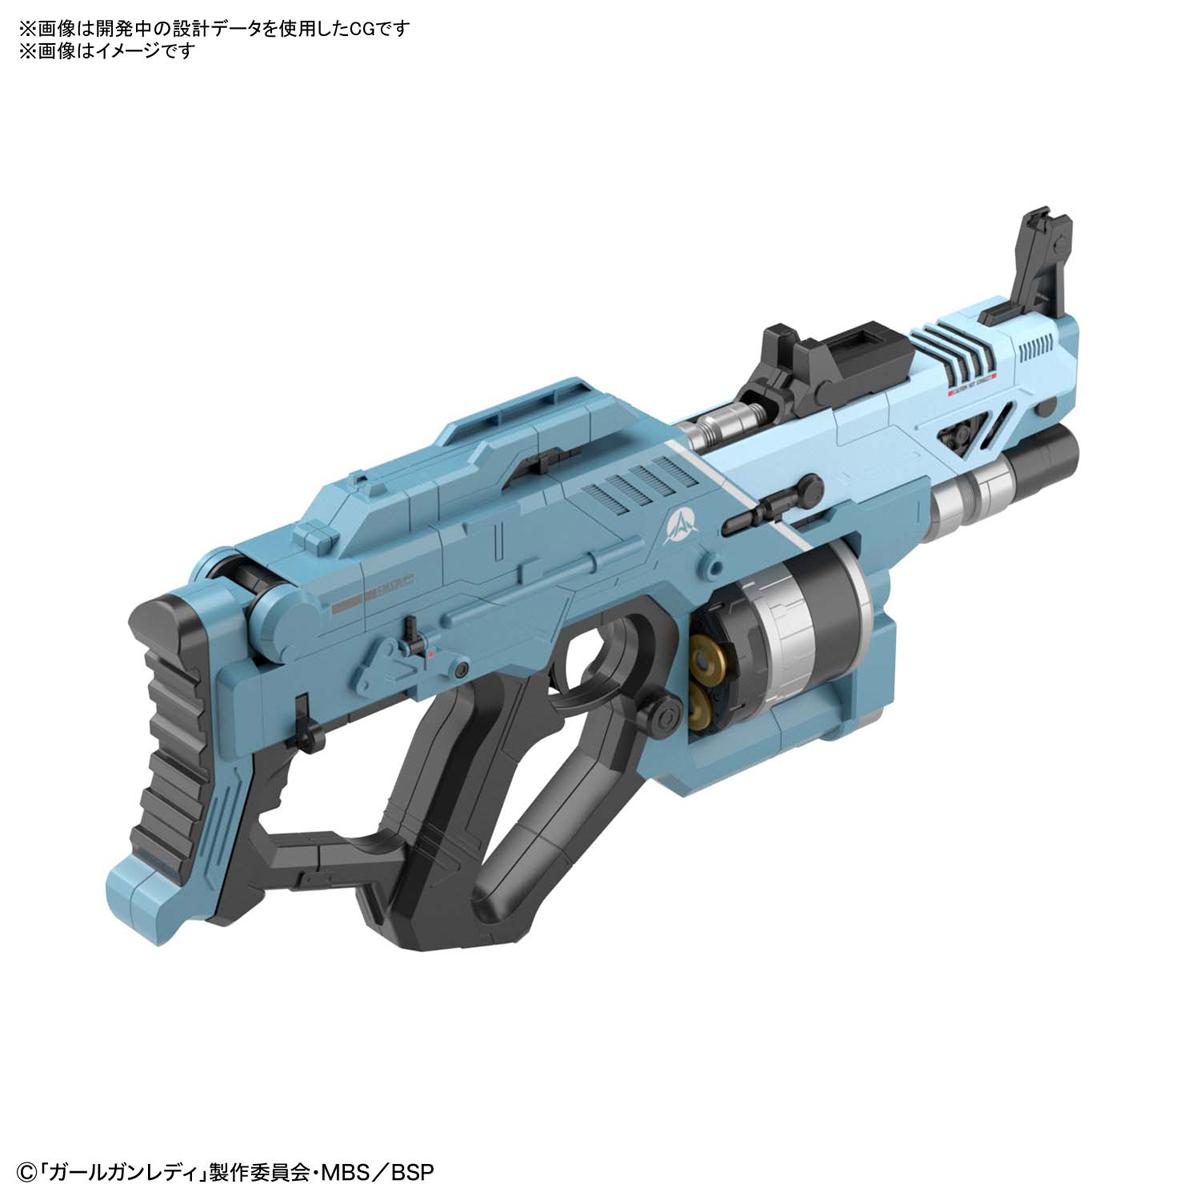 ガールガンレディ『ブラストガールガン Ver.アルファタンゴ』GGL 1/1 プラモデル-002